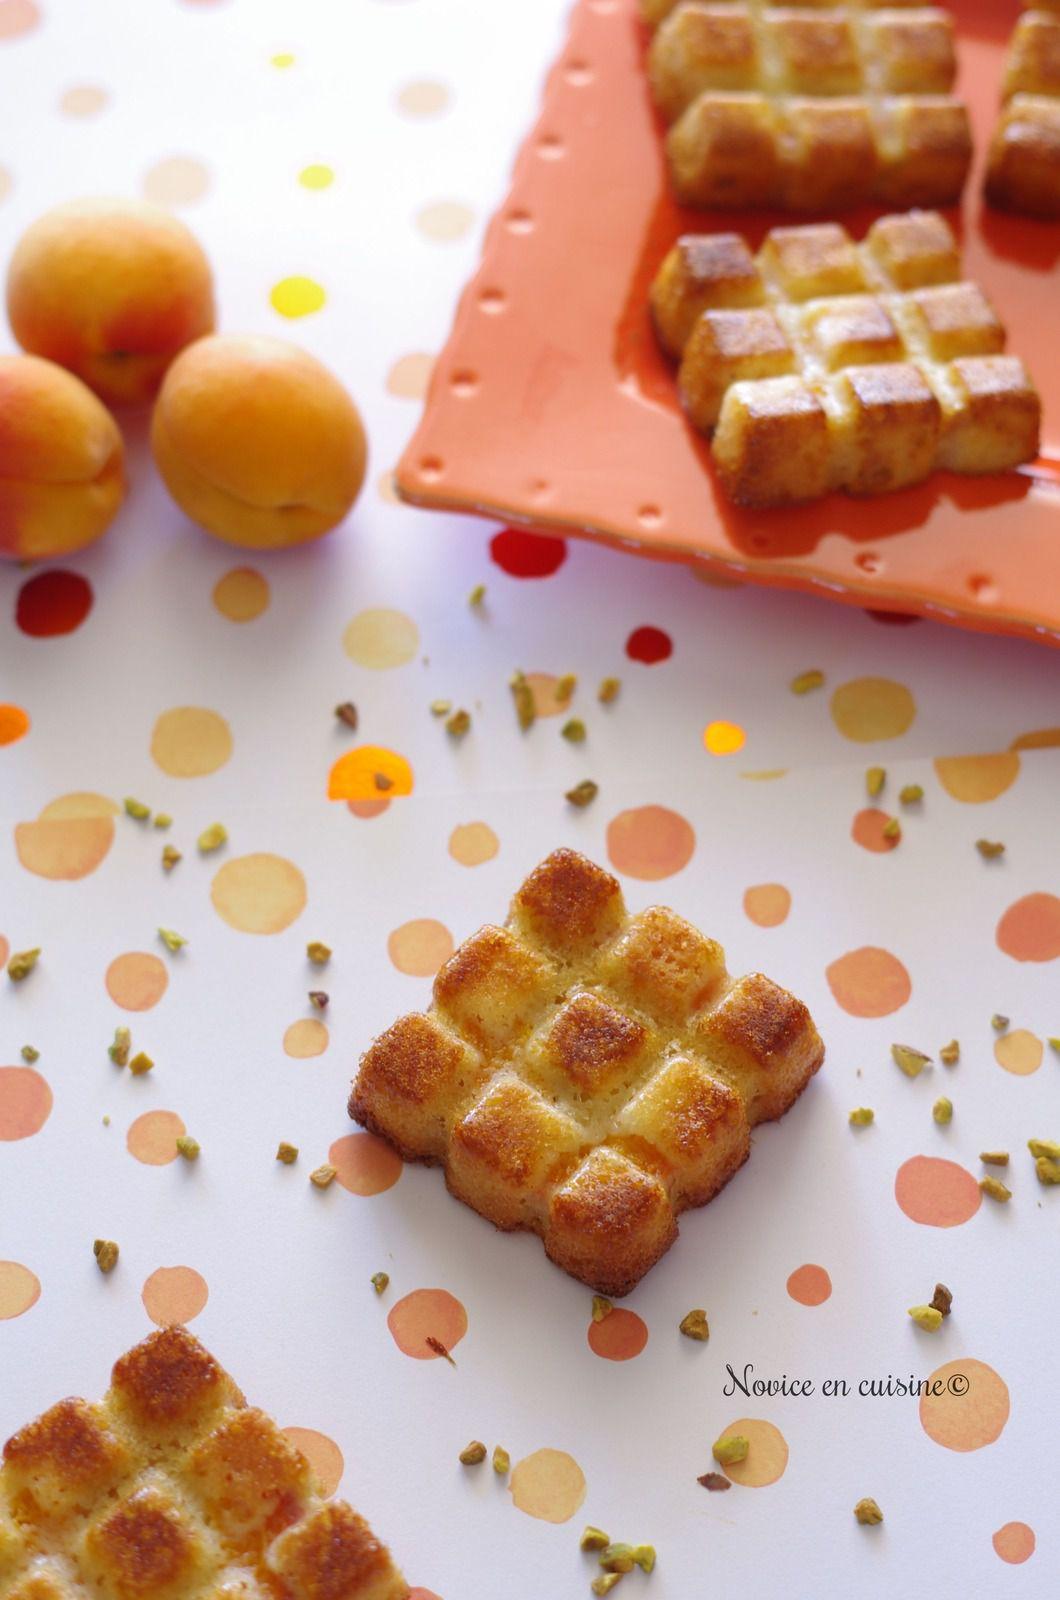 Petits gâteaux pêches/abricots et pistache